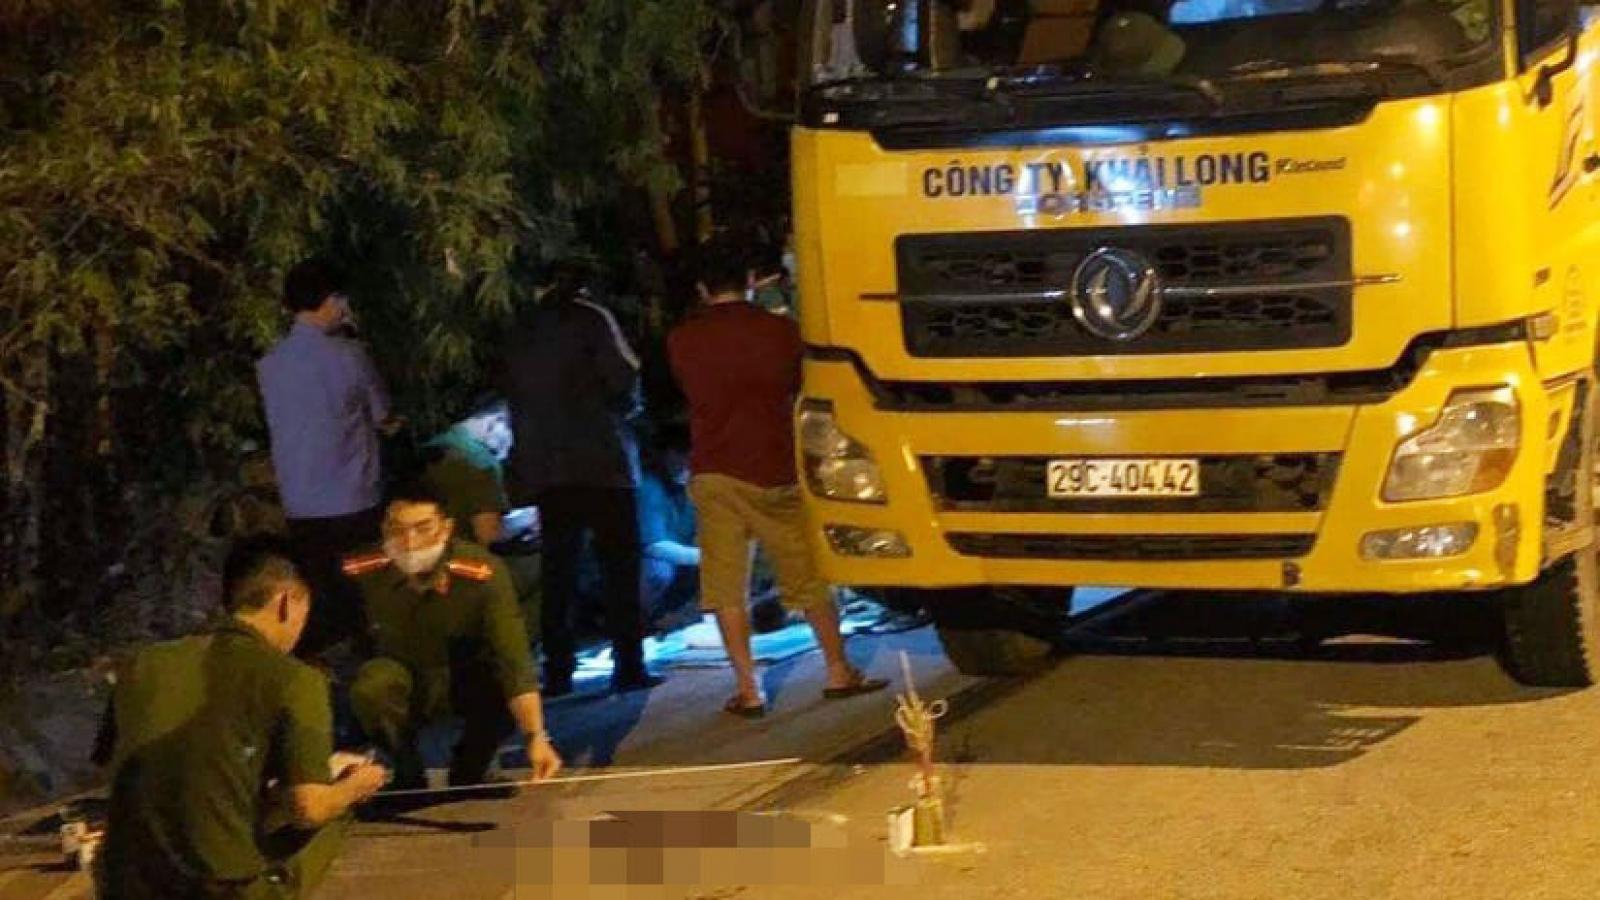 Cháu bé 4 tuổi bị xe tải cán tử vong khi băng qua đường